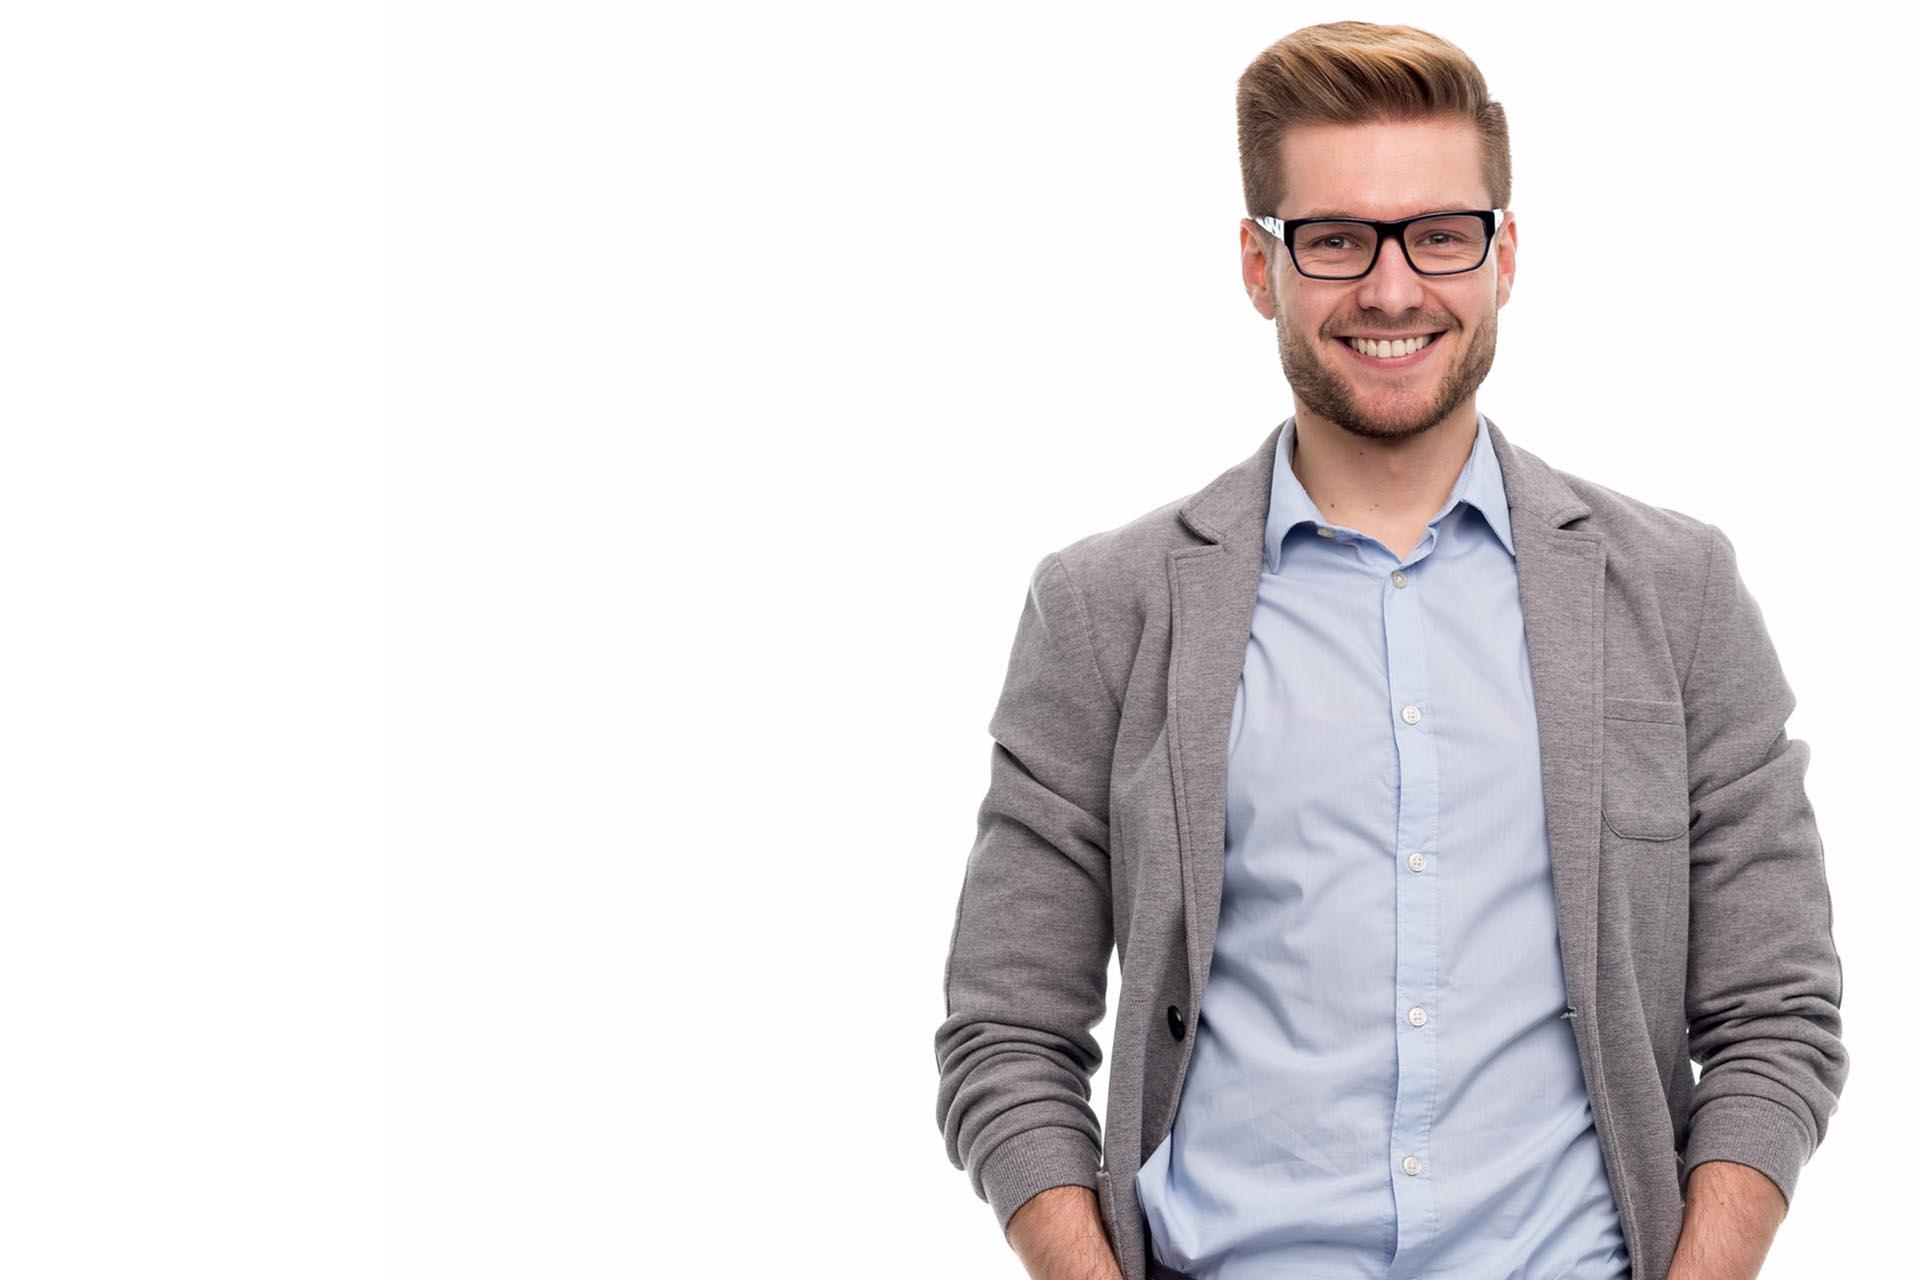 Man smiling from p shot